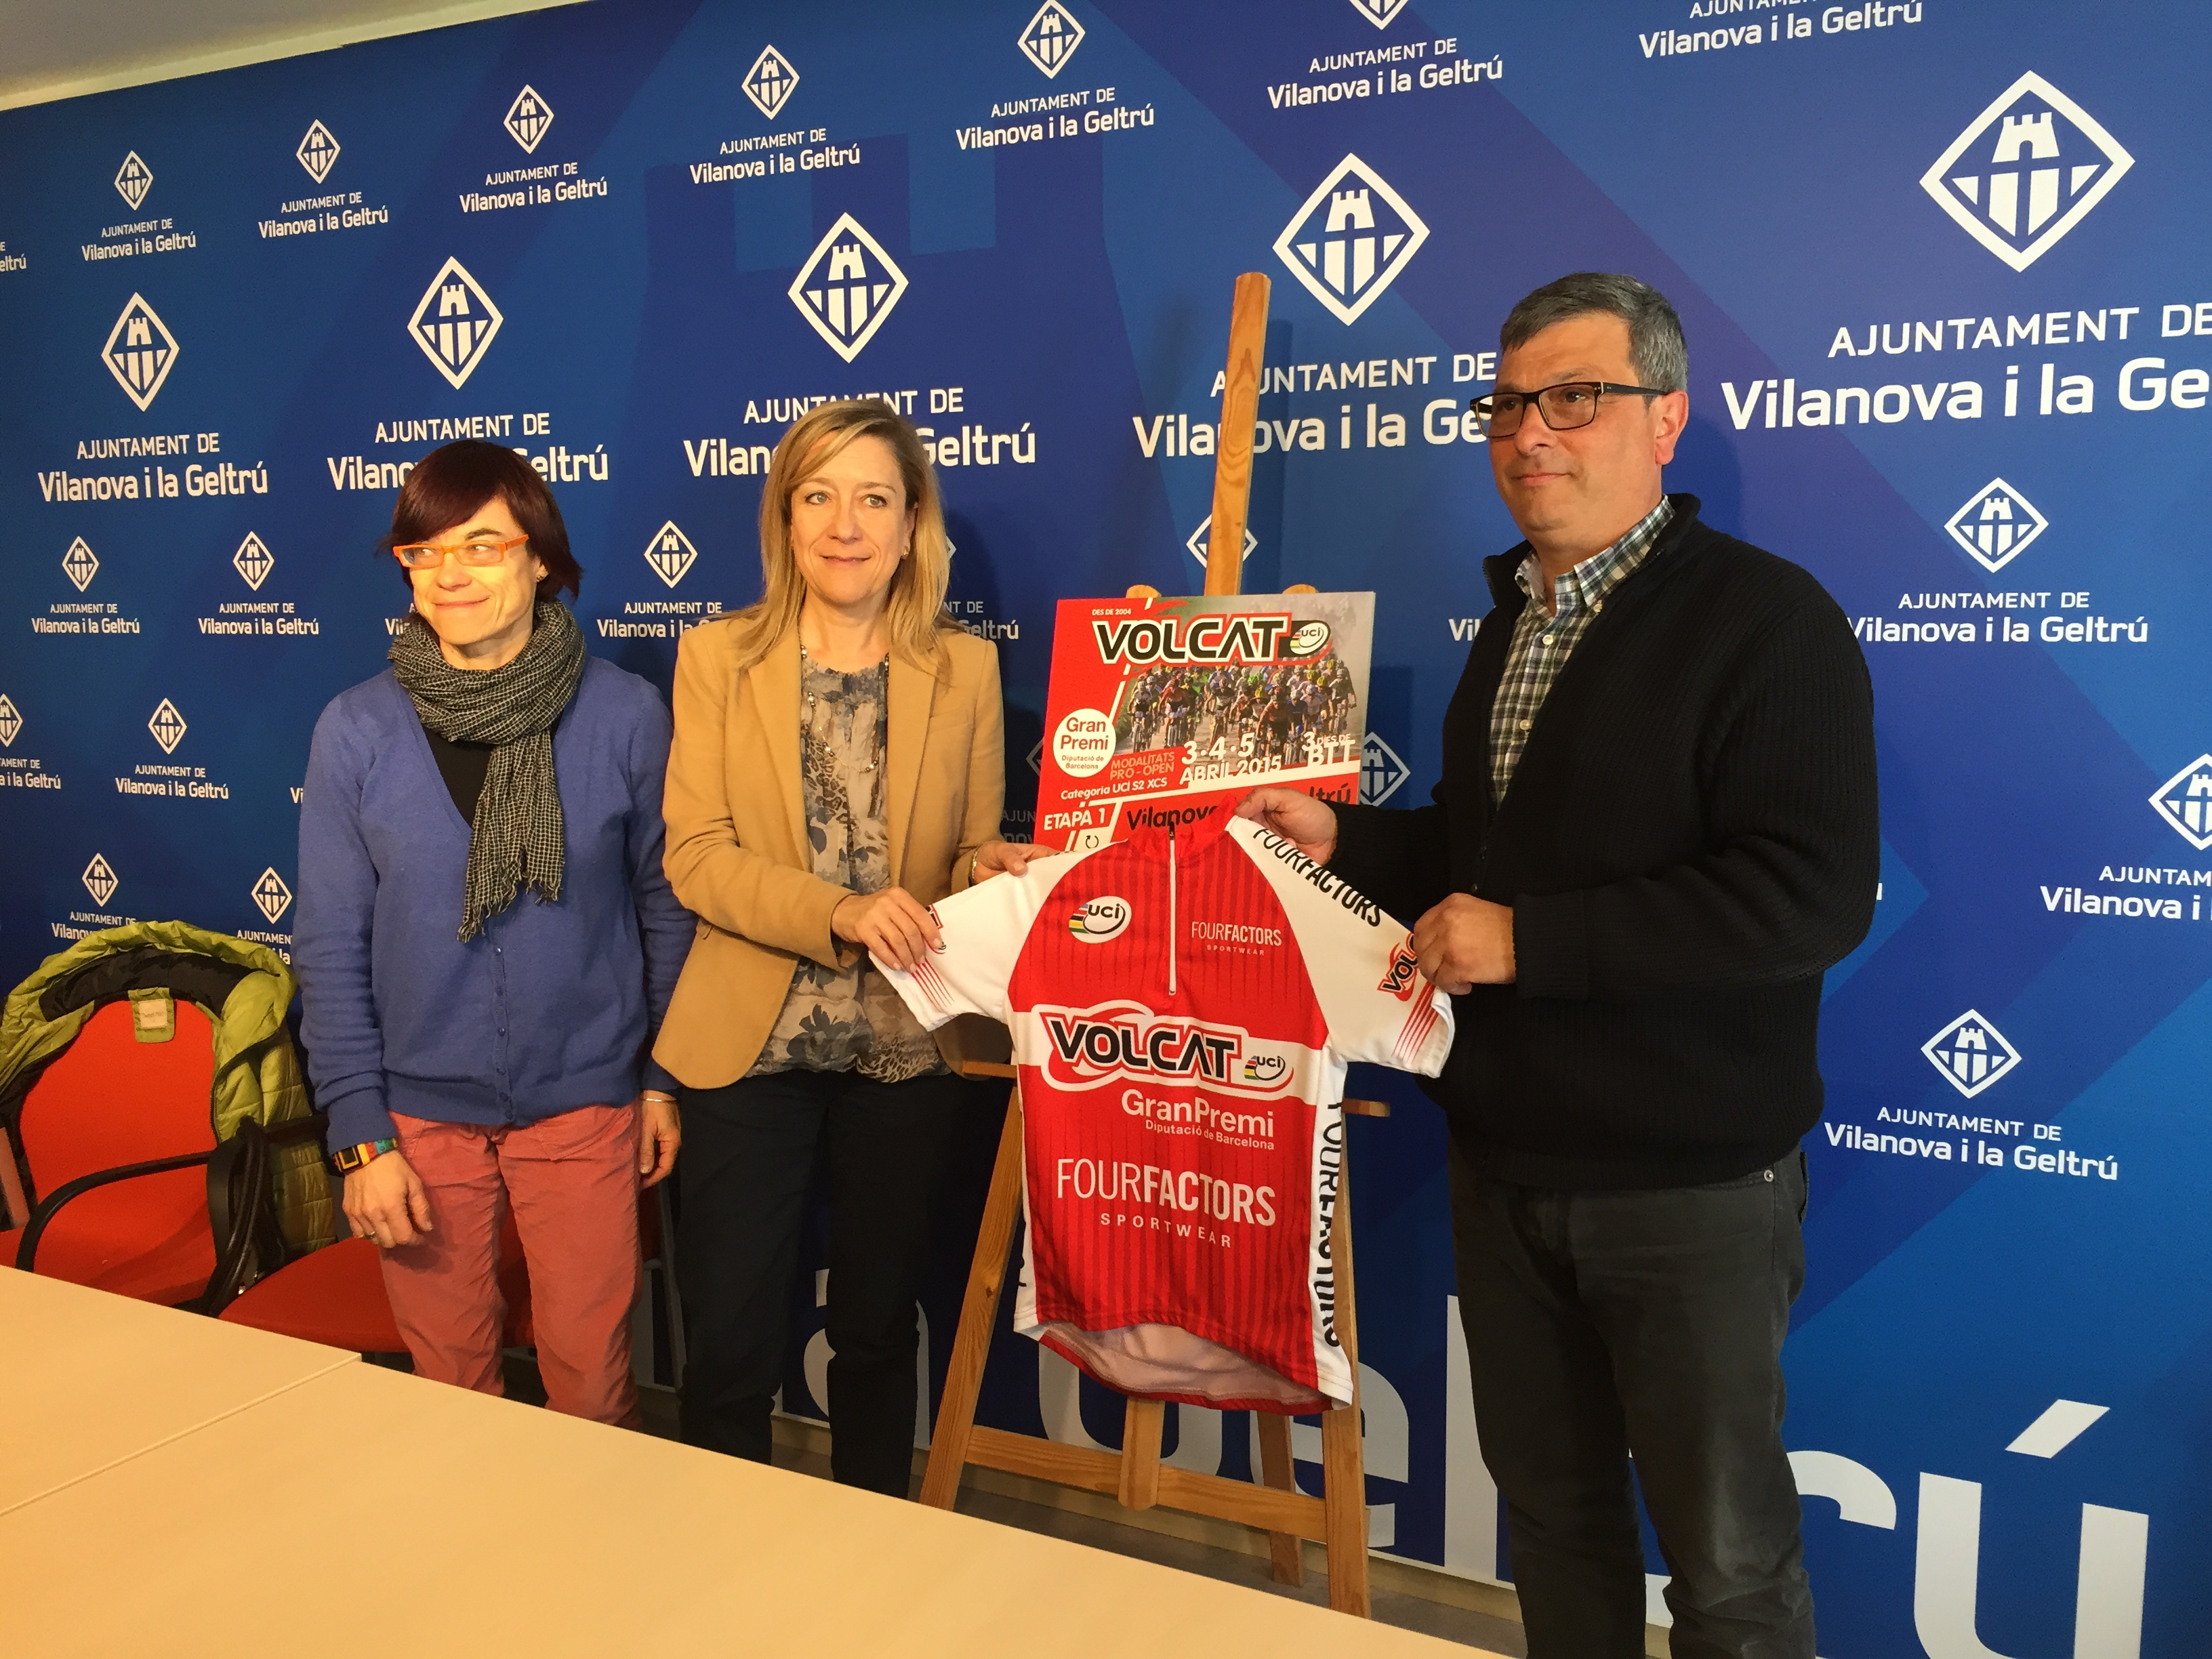 Vilanova i la Geltr� presenta la primera etapa de la VolCat